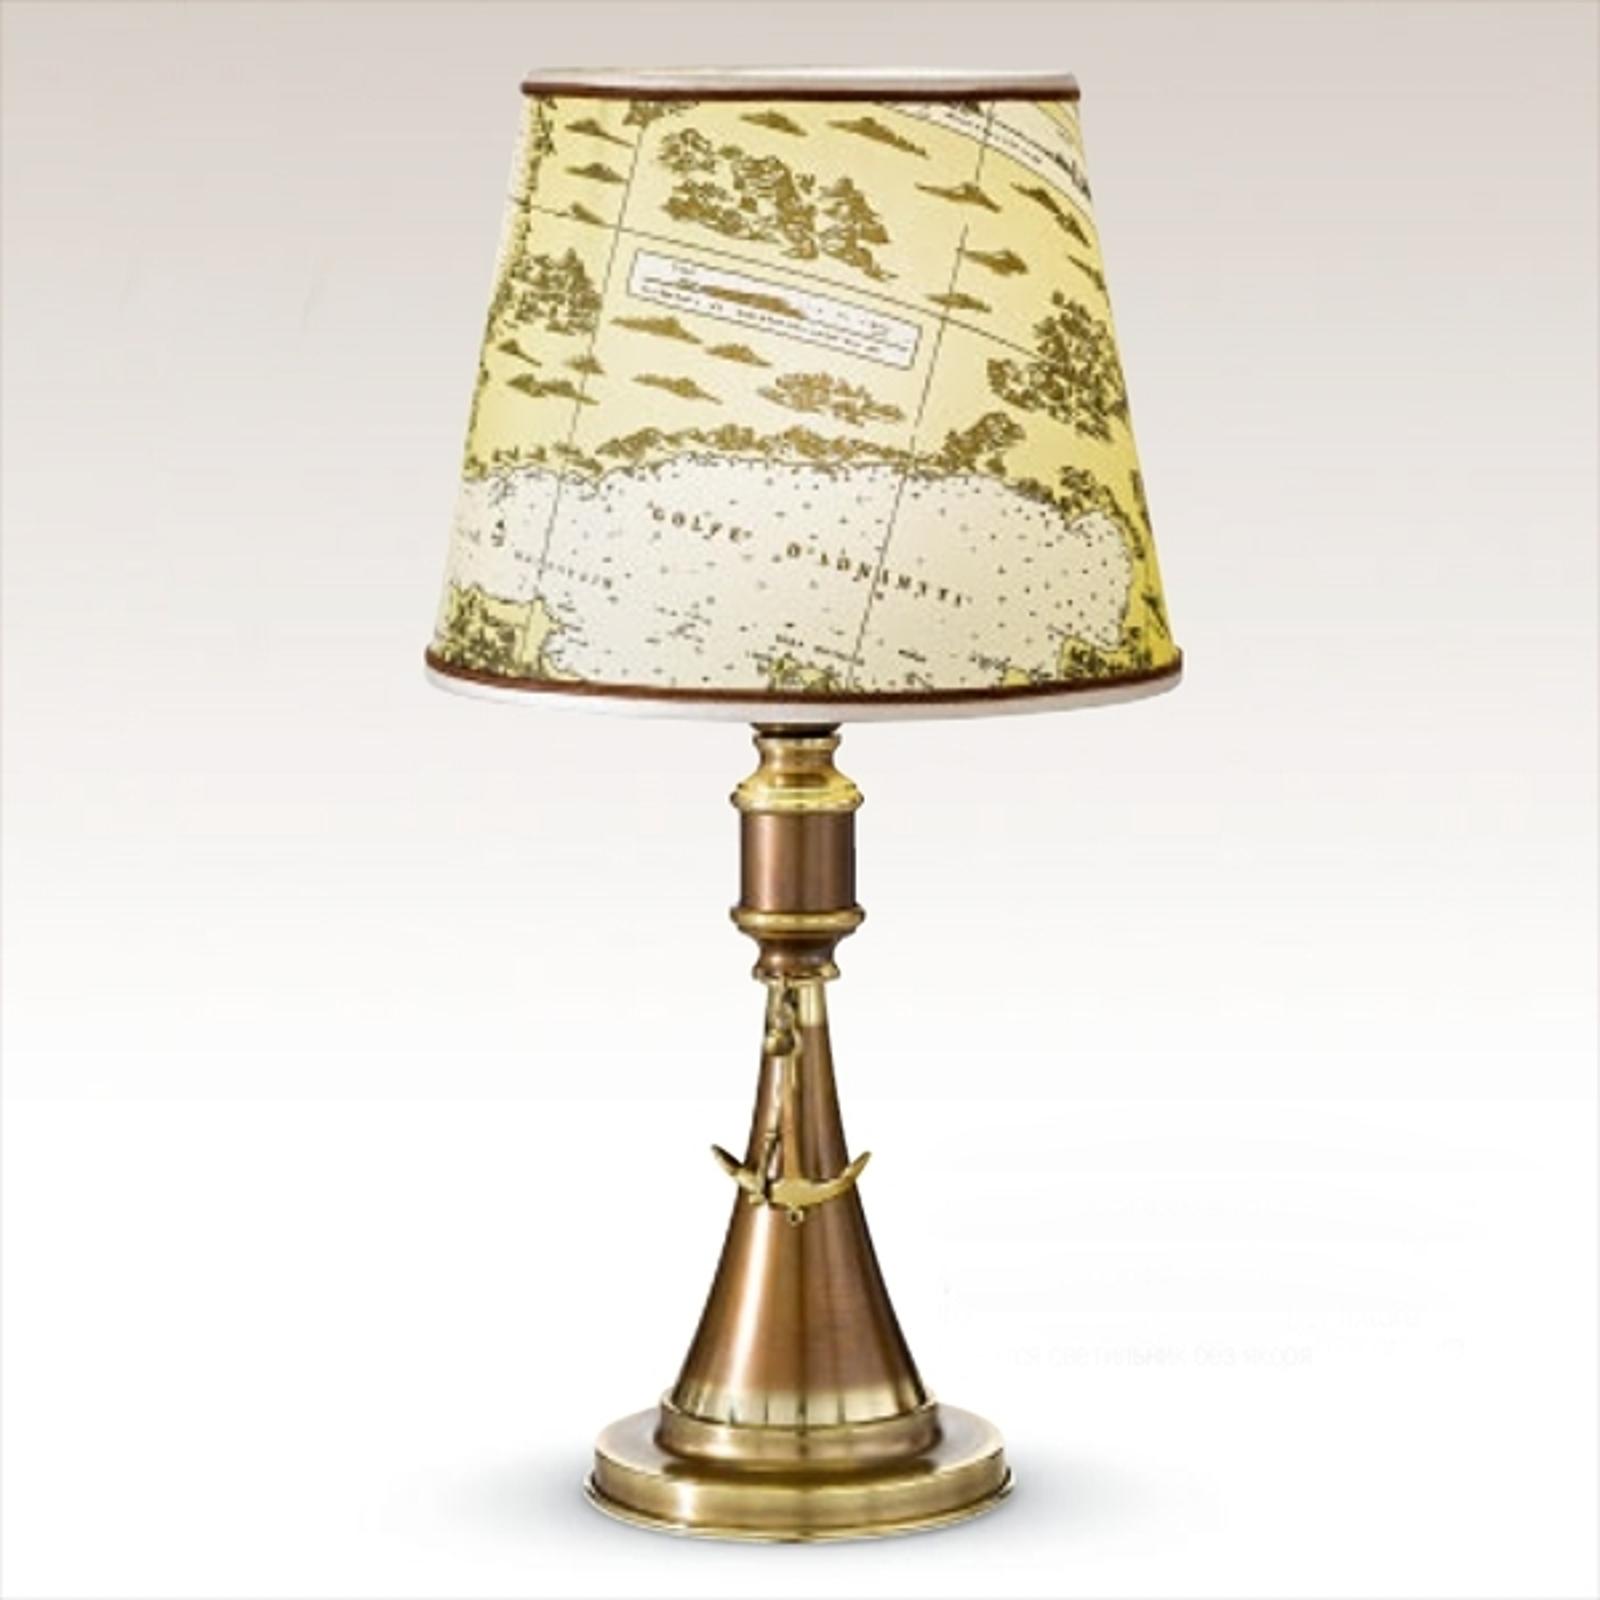 Stolní lampa Laguna, námořní design 48 cm